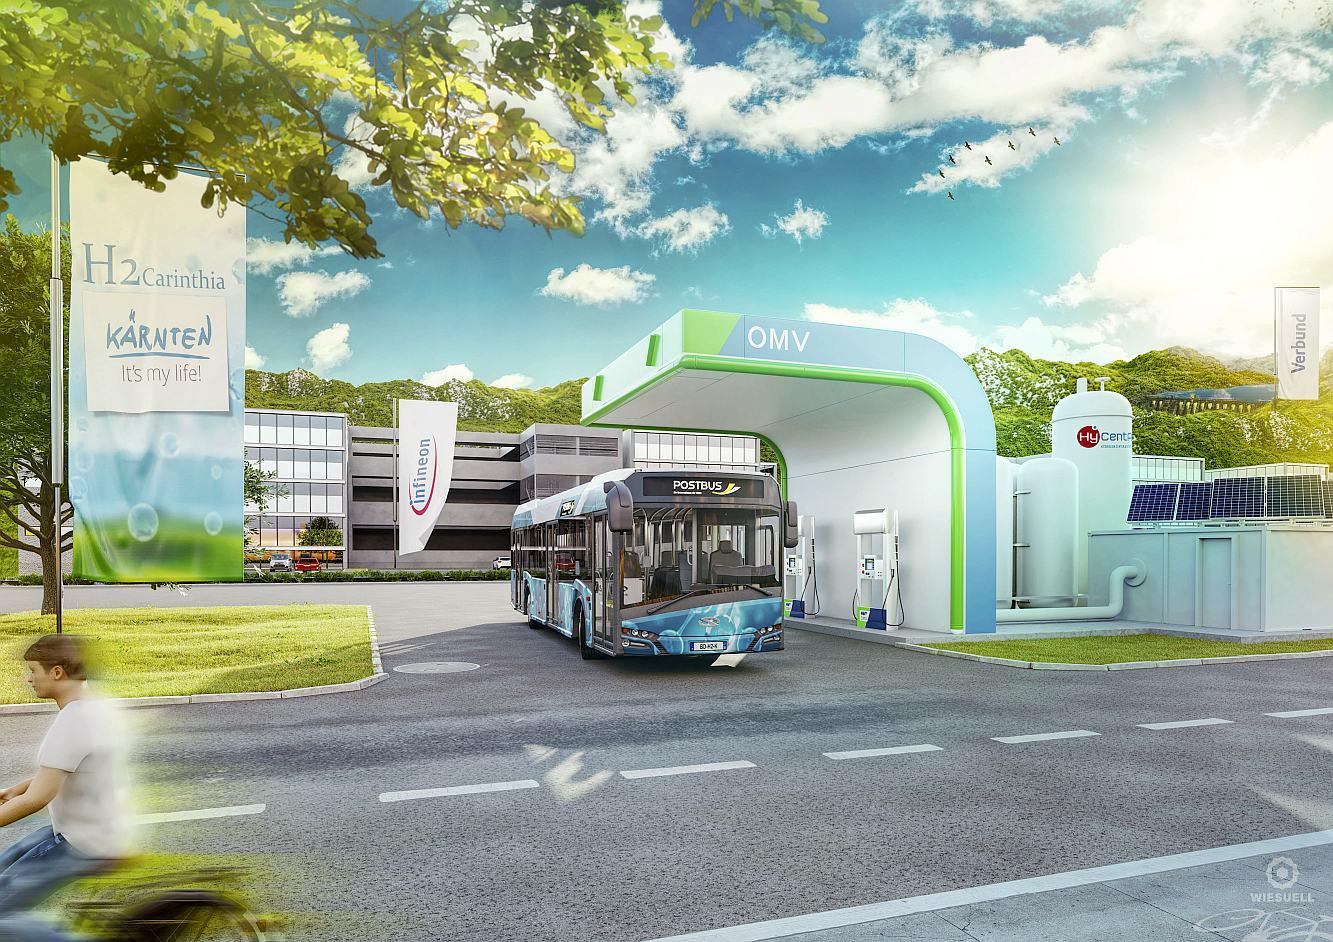 Foto: Projekt Wasserstoff-Bus H2Carinthia - Foto: Büro LR Schuschnig/Wolfgang Jannach